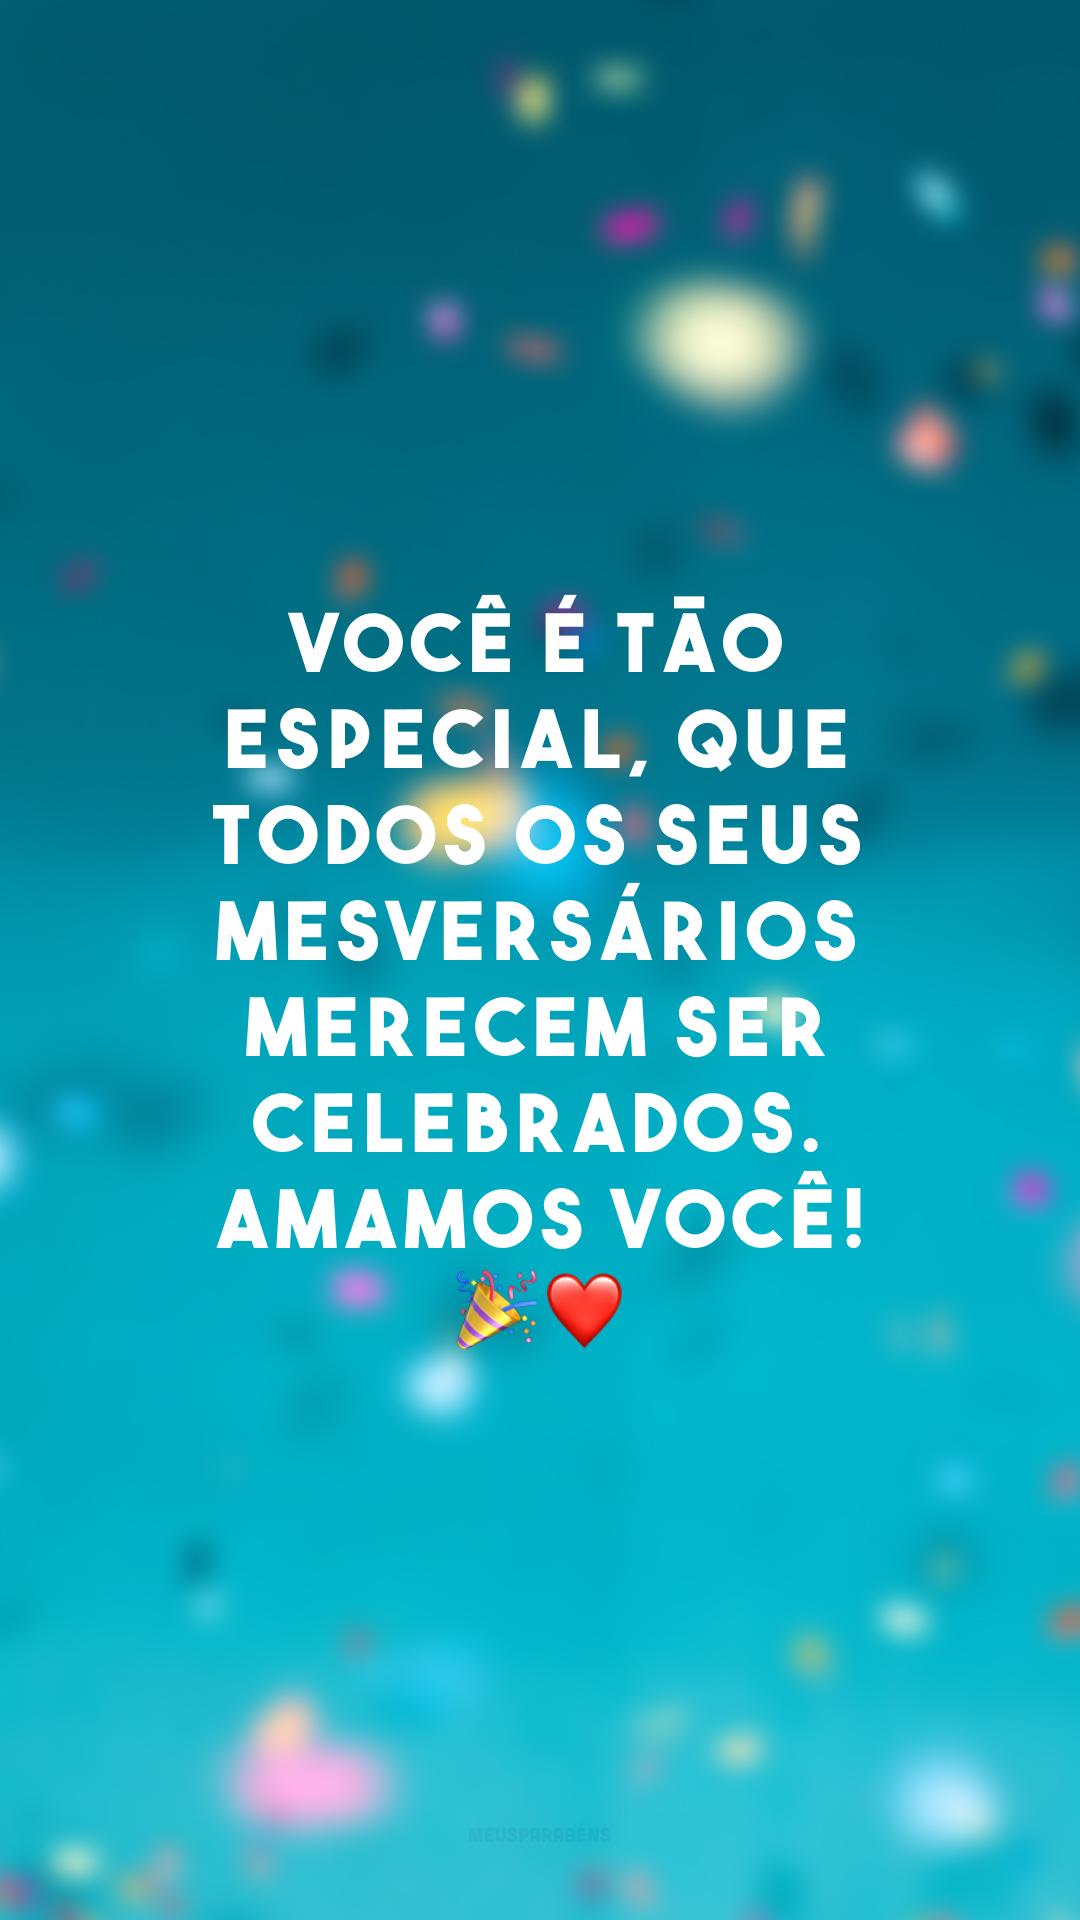 Você é tão especial, que todos os seus mesversários merecem ser celebrados. Amamos você! 🎉❤